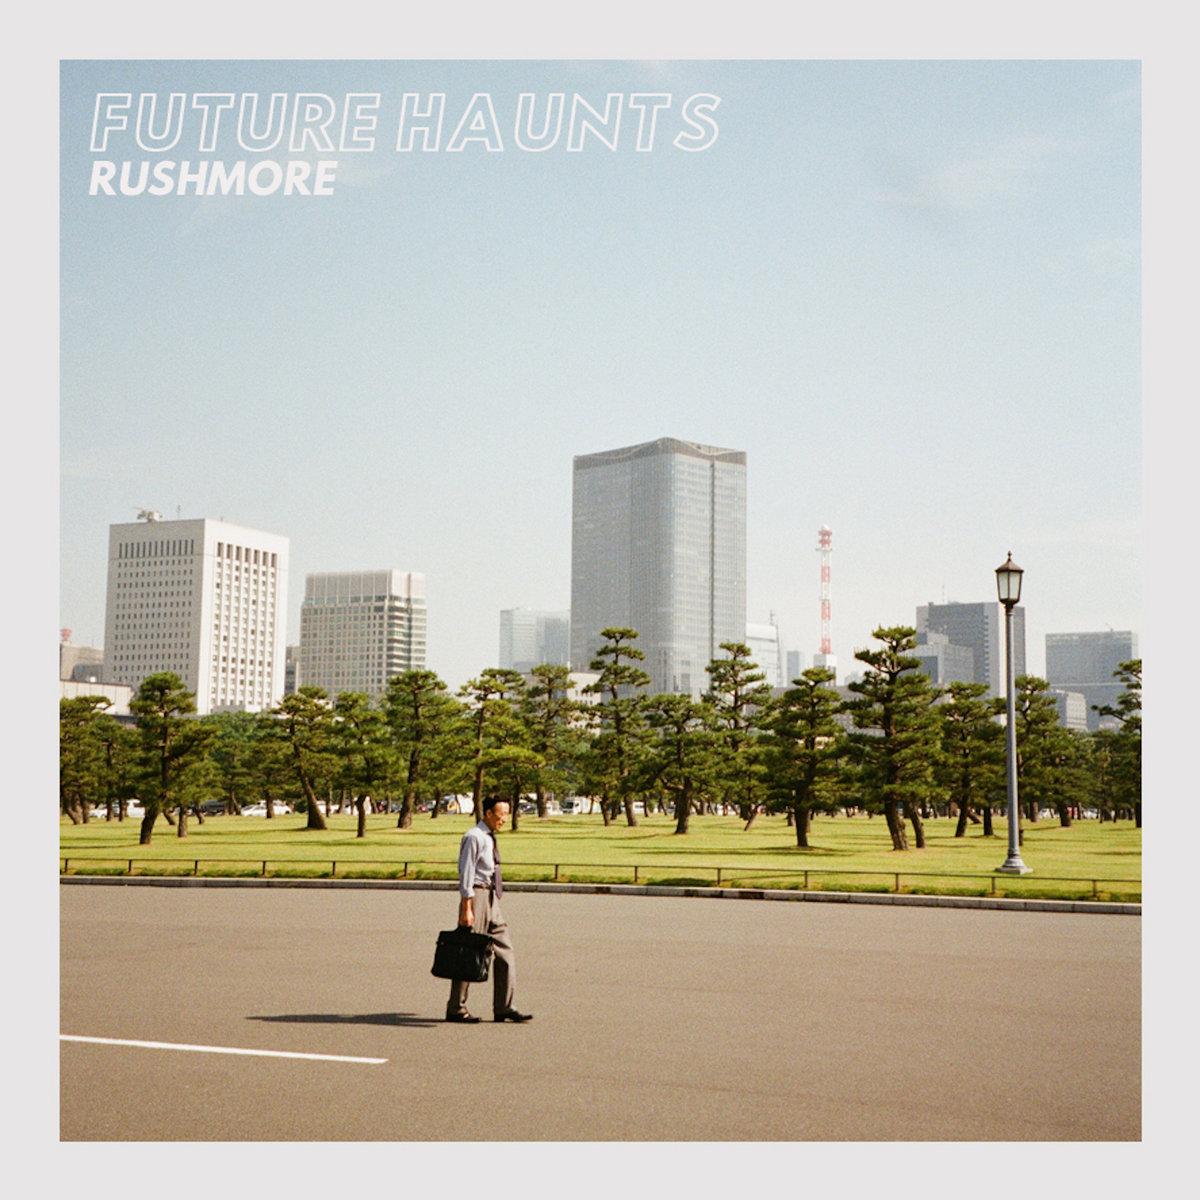 Future Haunts – Rushmore